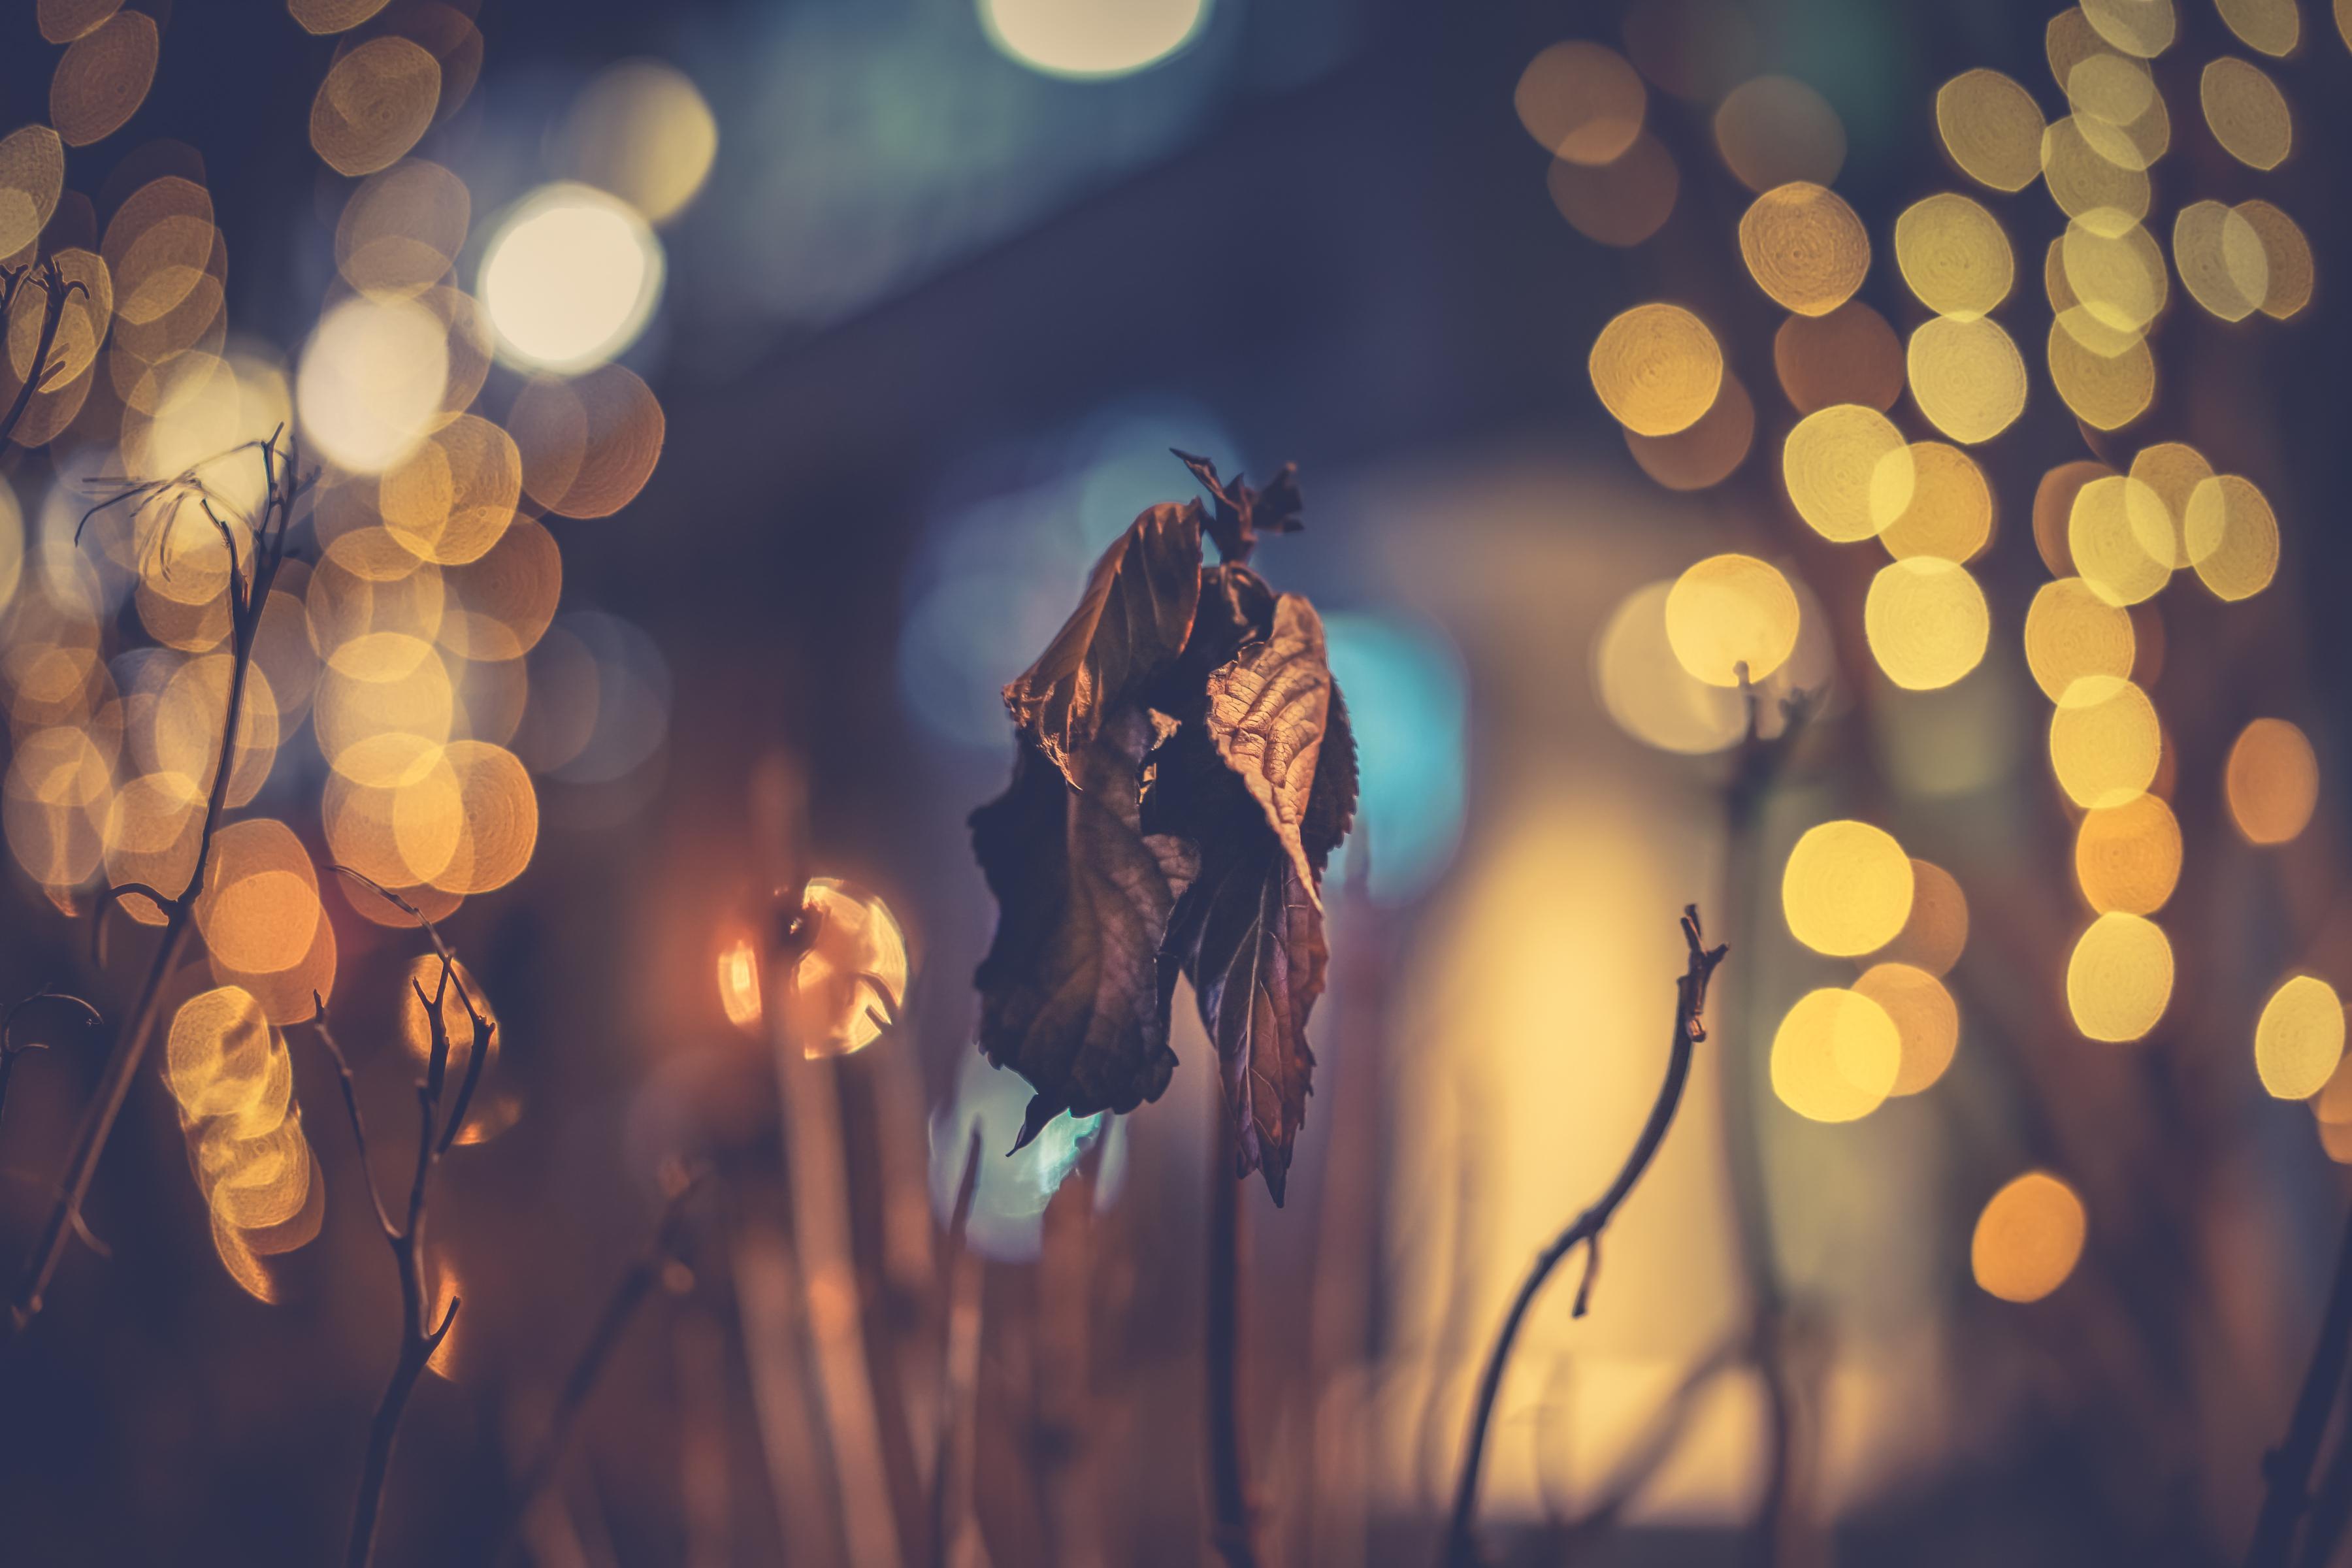 Fondos de pantalla : luz de sol, luces, hojas, noche, naturaleza ...